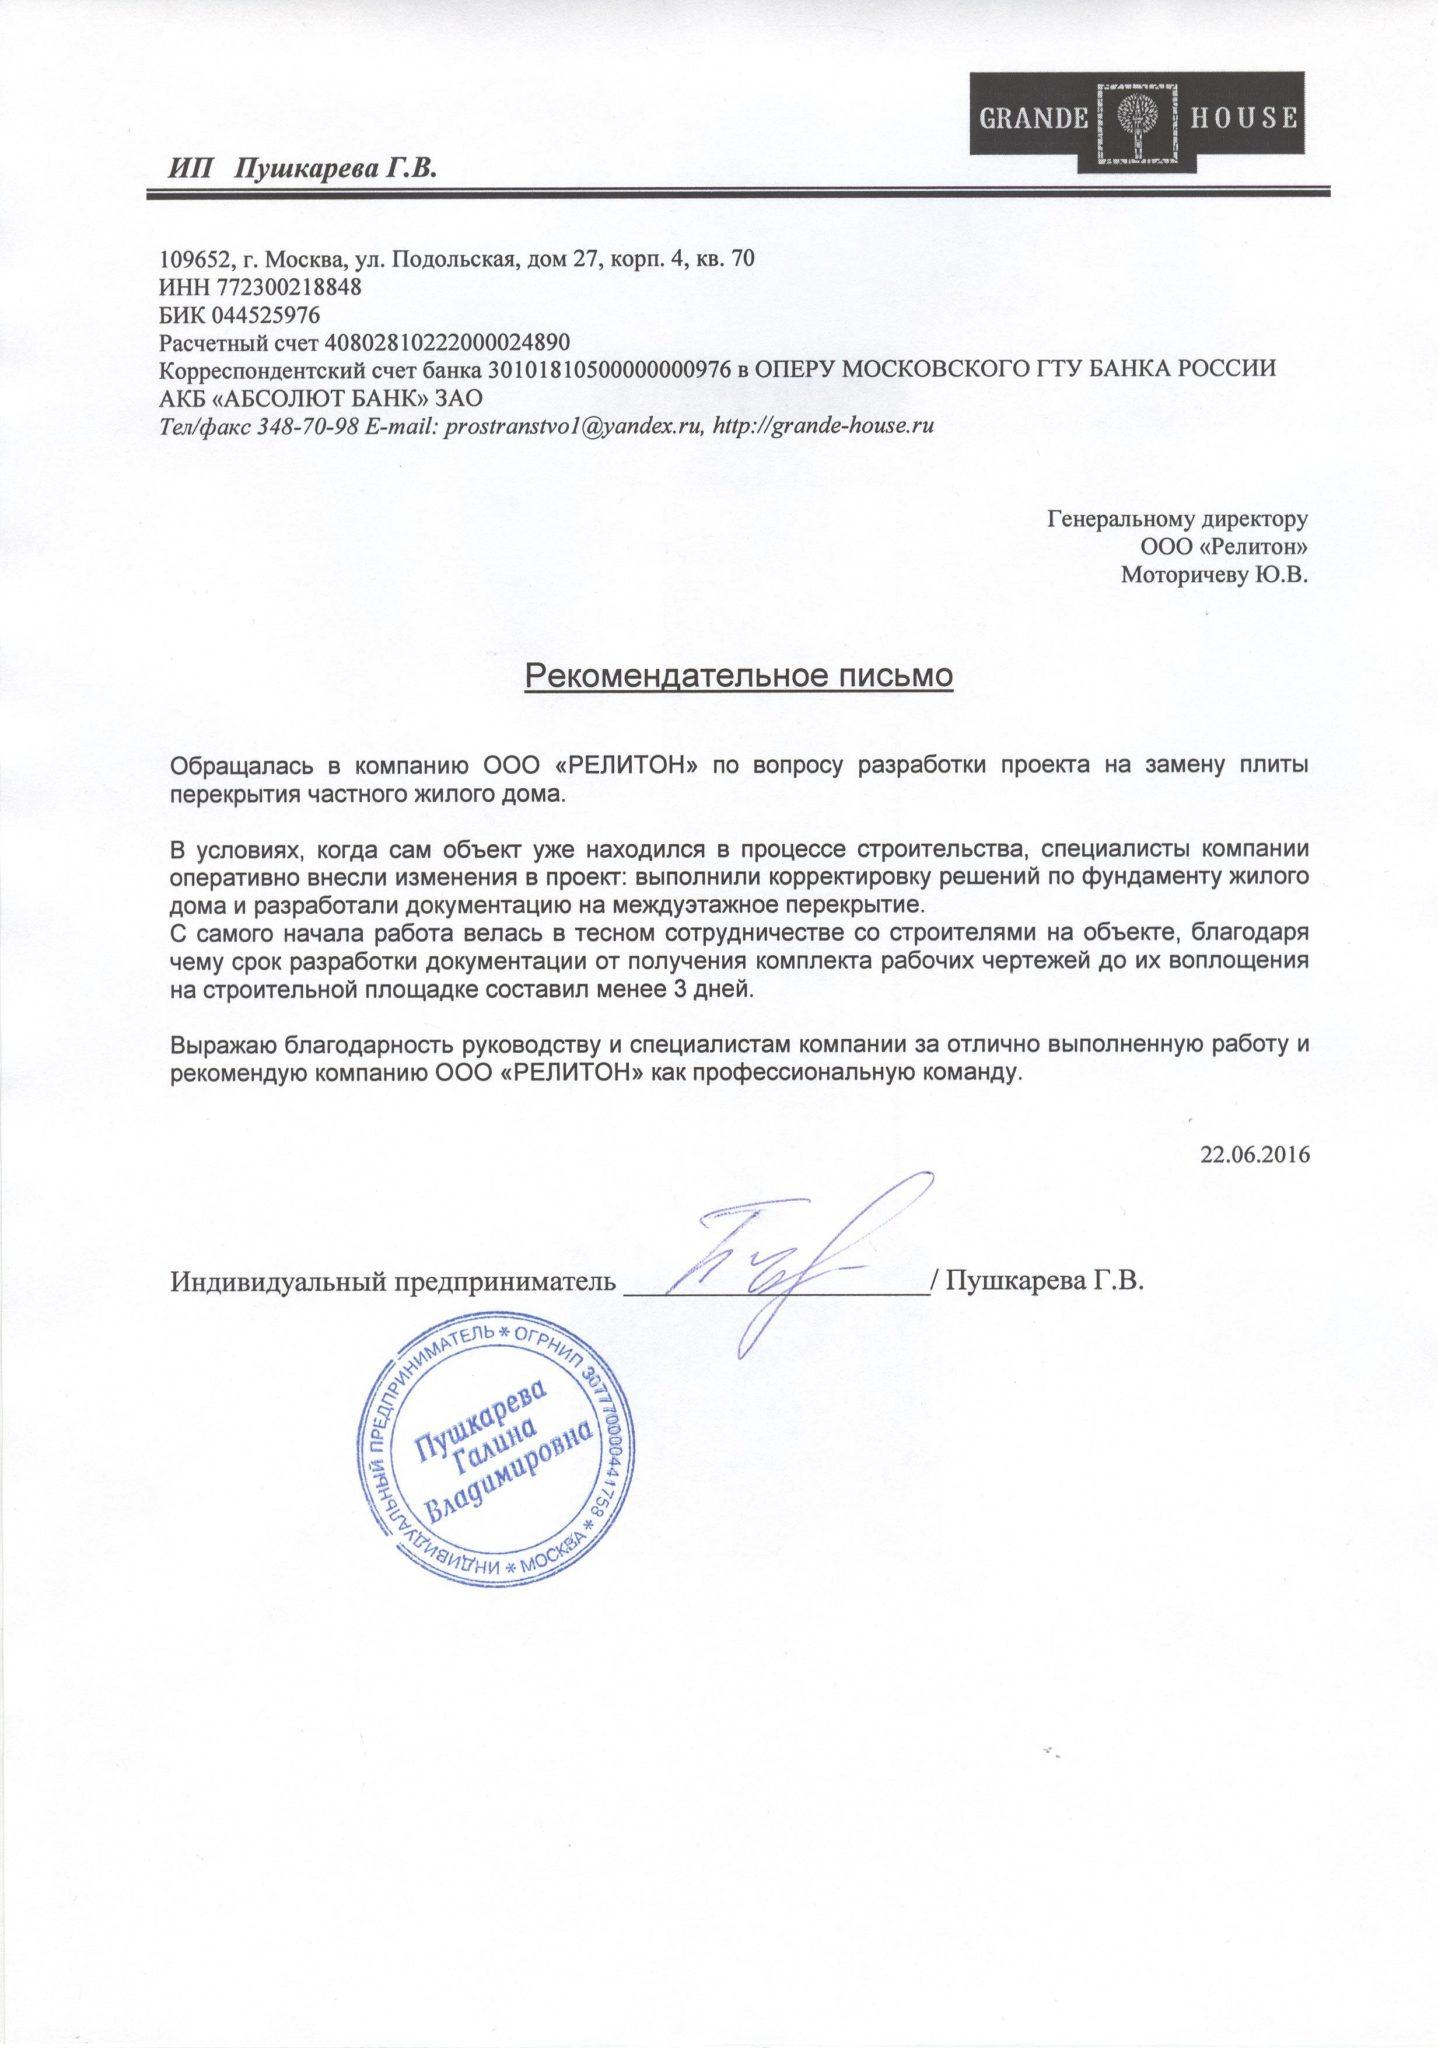 Отзыв_16_06_22_IN_ИП_Пушкарева